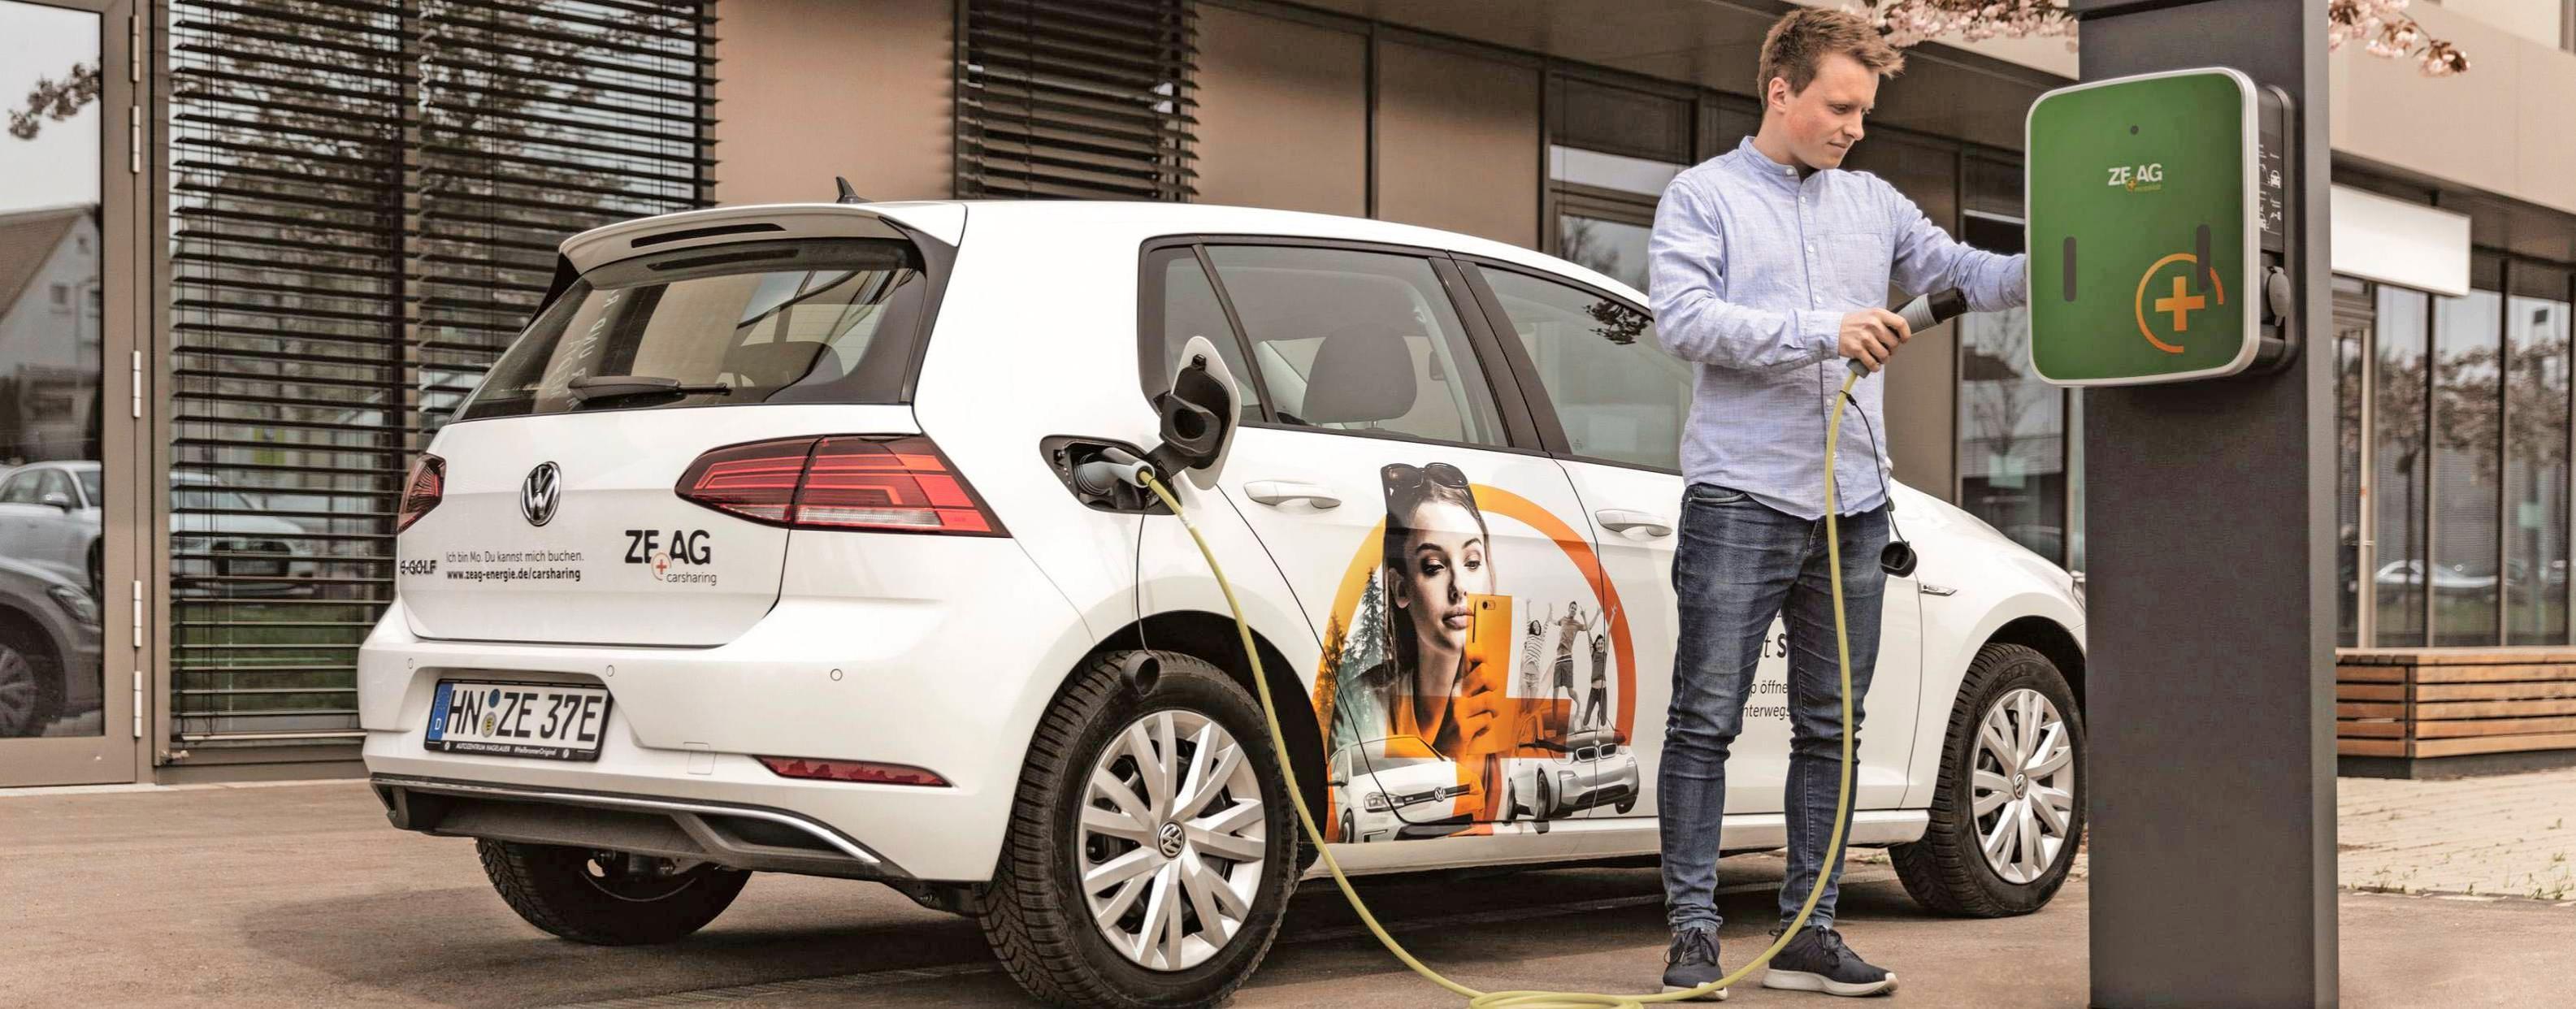 Zum Carsharing-Fuhrpark der ZEAG gehören derzeit unter anderem vollelektrisch angetriebene VW Golf. Bis Ende des Jahres sind mehr als 150 Ladepunkte vorgesehen. Foto: ZEAG